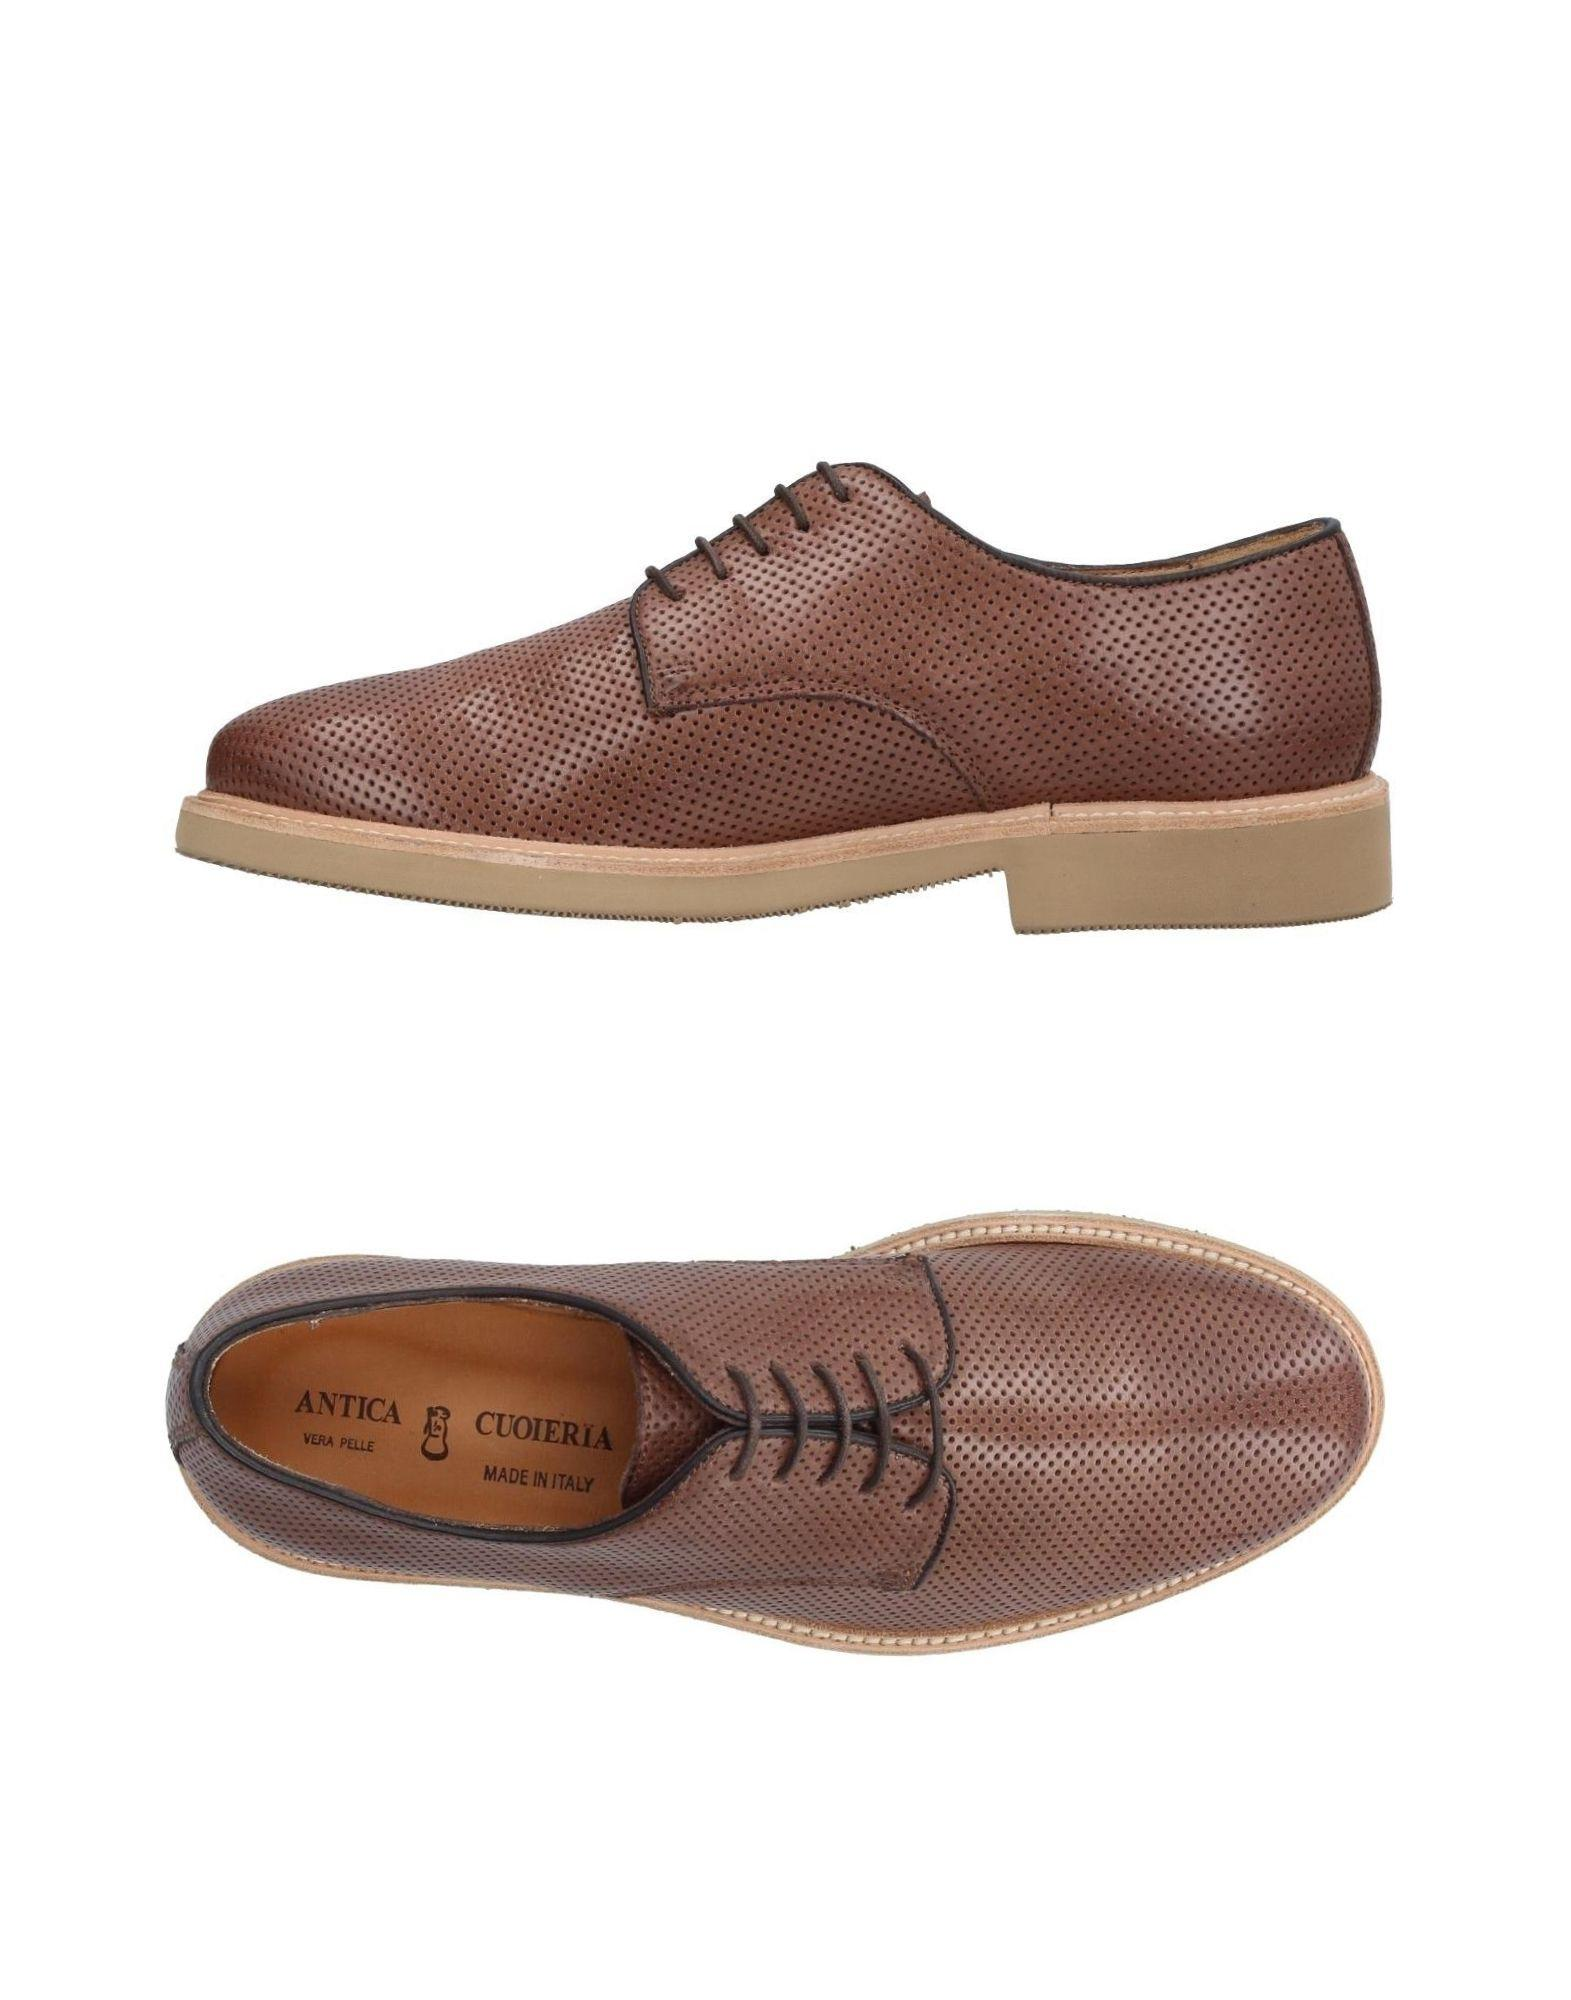 Cuoieria Chaussures À Lacets b5HZ9D